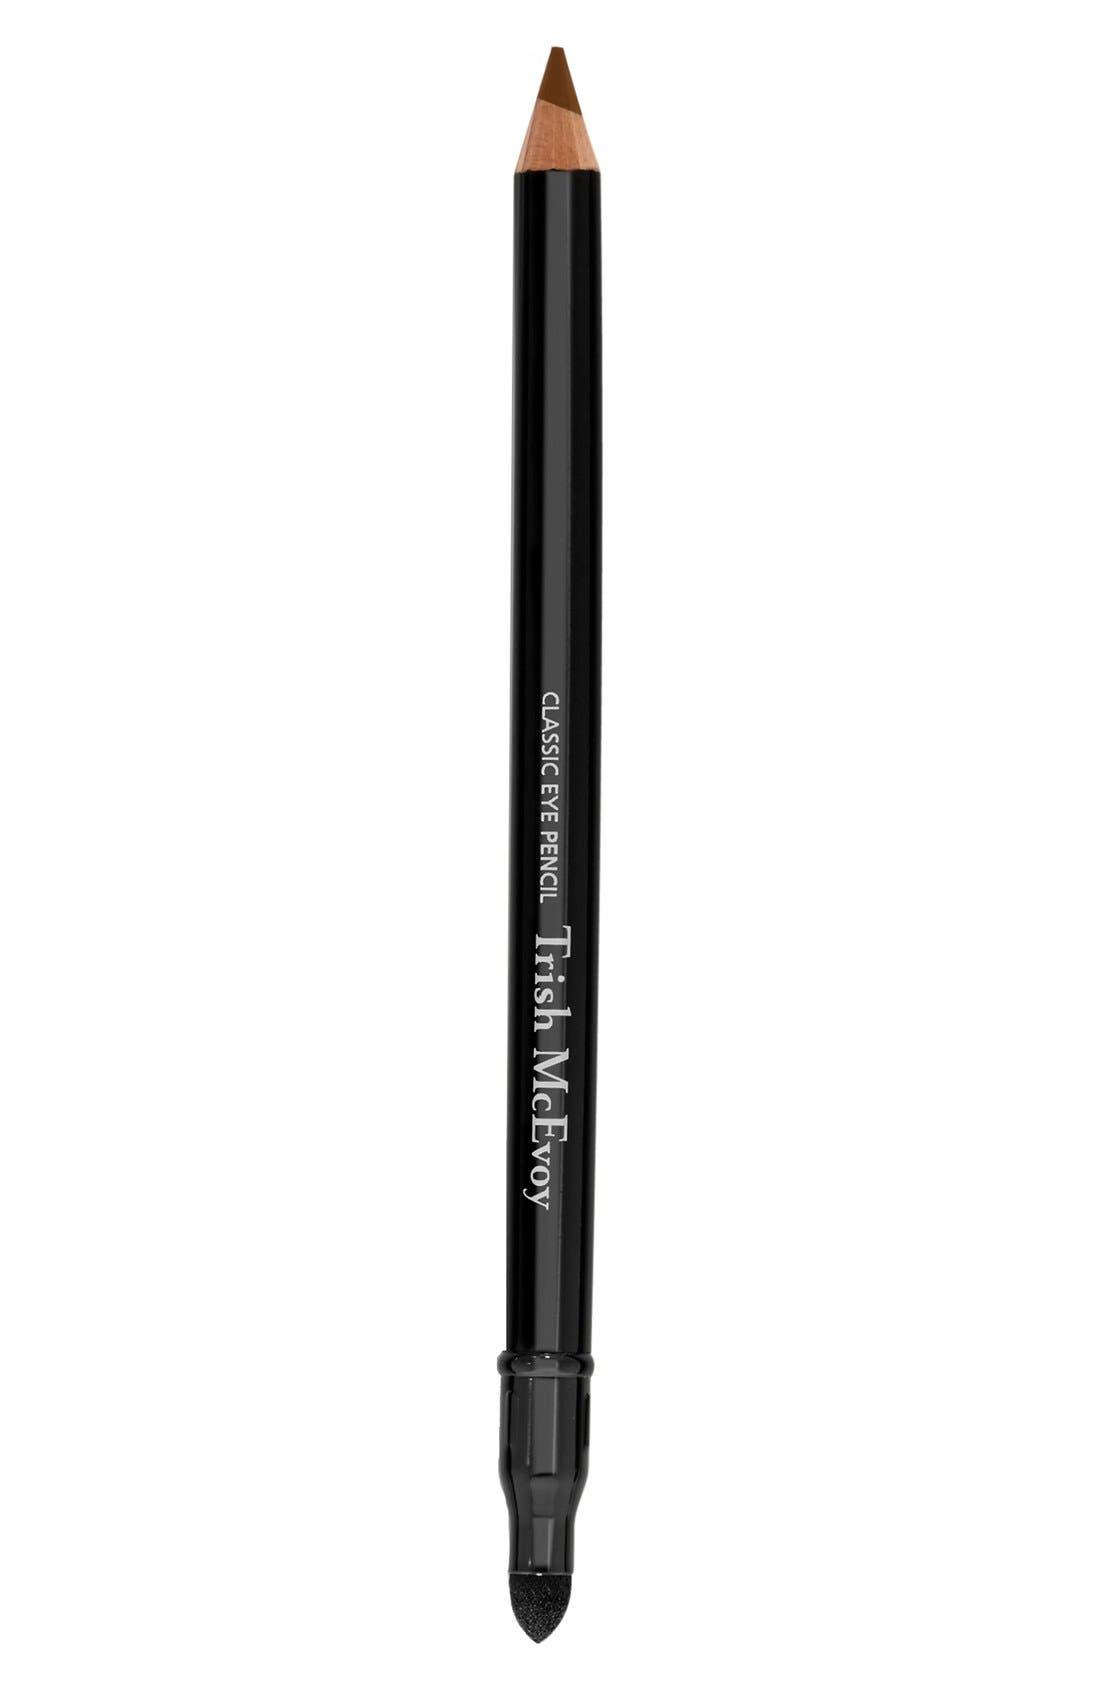 Trish McEvoy Classic Eye Pencil